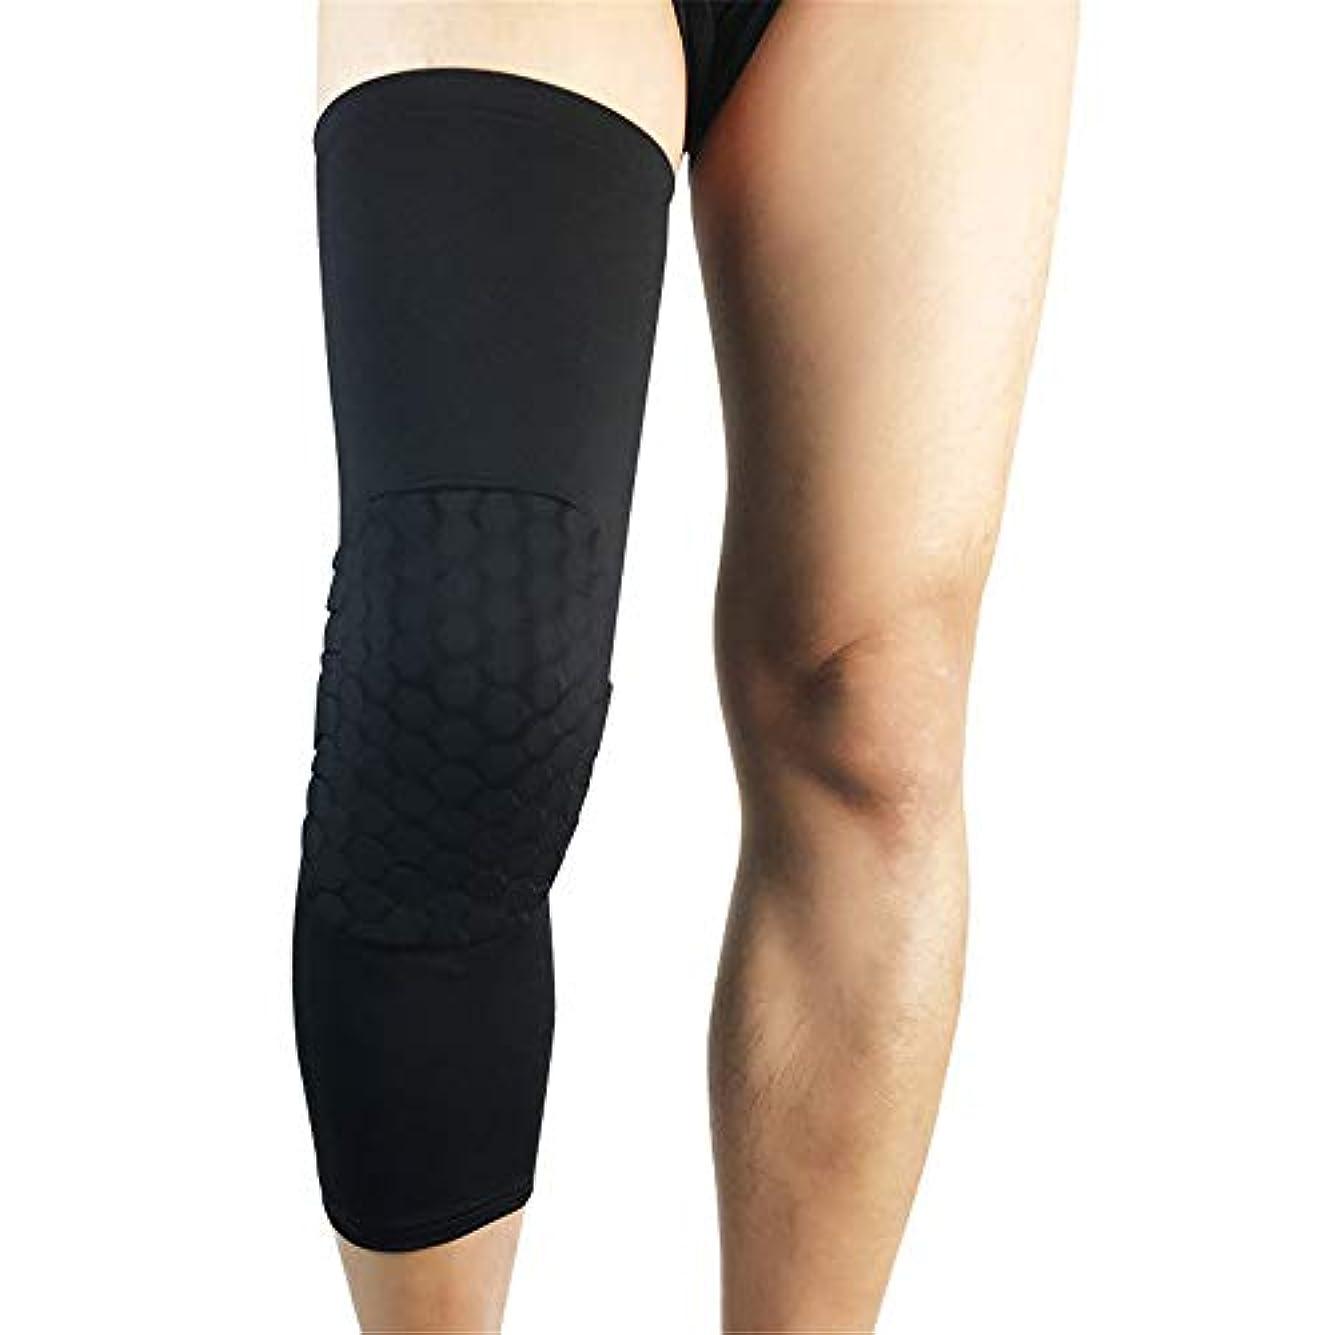 段階サイクロプスマリナーサッカー膝サポートアンチスリップニーブレース超弾性通気性膝圧迫スリーブは関節炎苦しみのための関節痛緩和を助け、スポーツのための傷害からの回復 (色 : ブラック, サイズ : M)